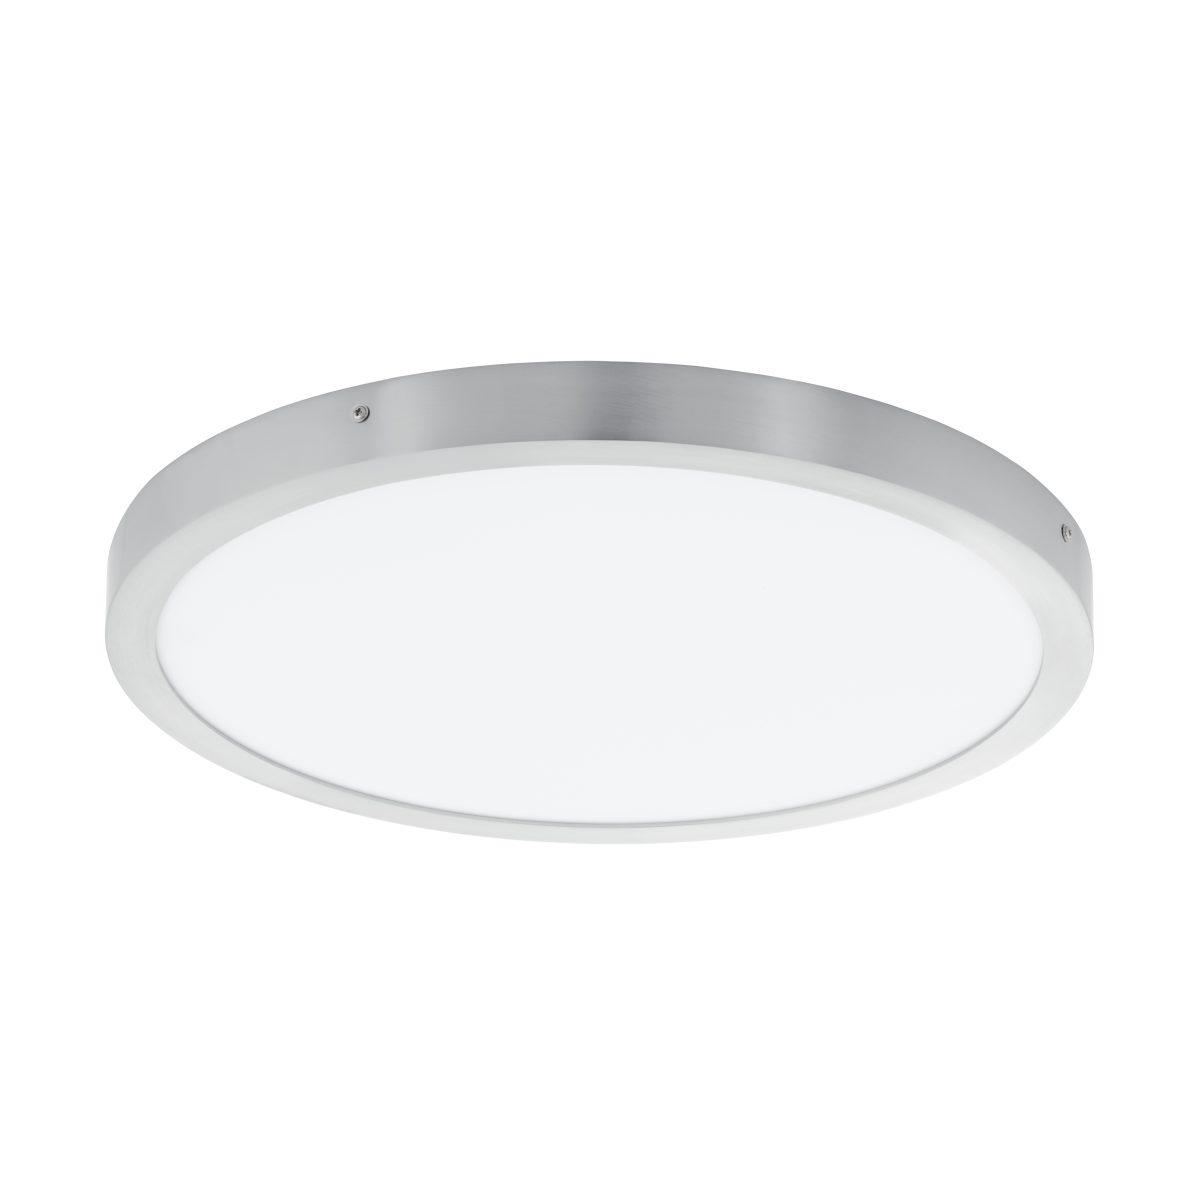 Светильник настенно-потолочный FUEVA 1 EGLO 97272 - Фото №28